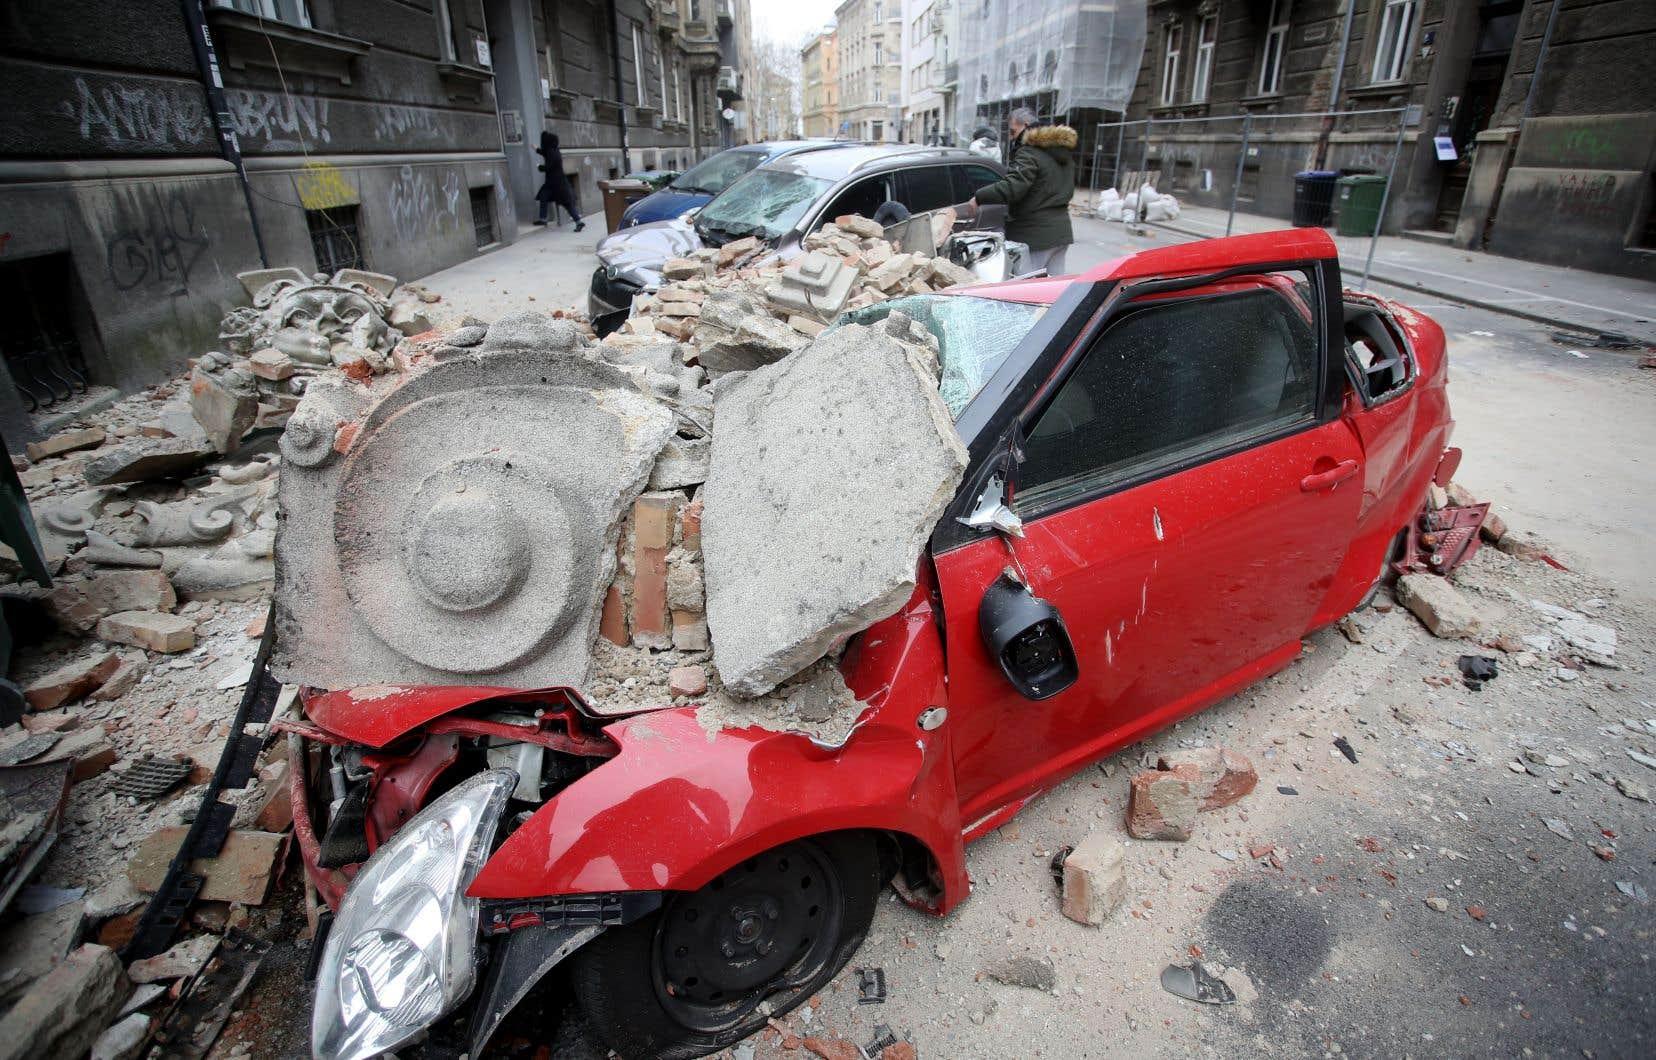 Dans les vieux quartiers du centre-ville, des façades de bâtiments se sont effondrées et de nombreuses parties de la ville sont restées sans électricité.